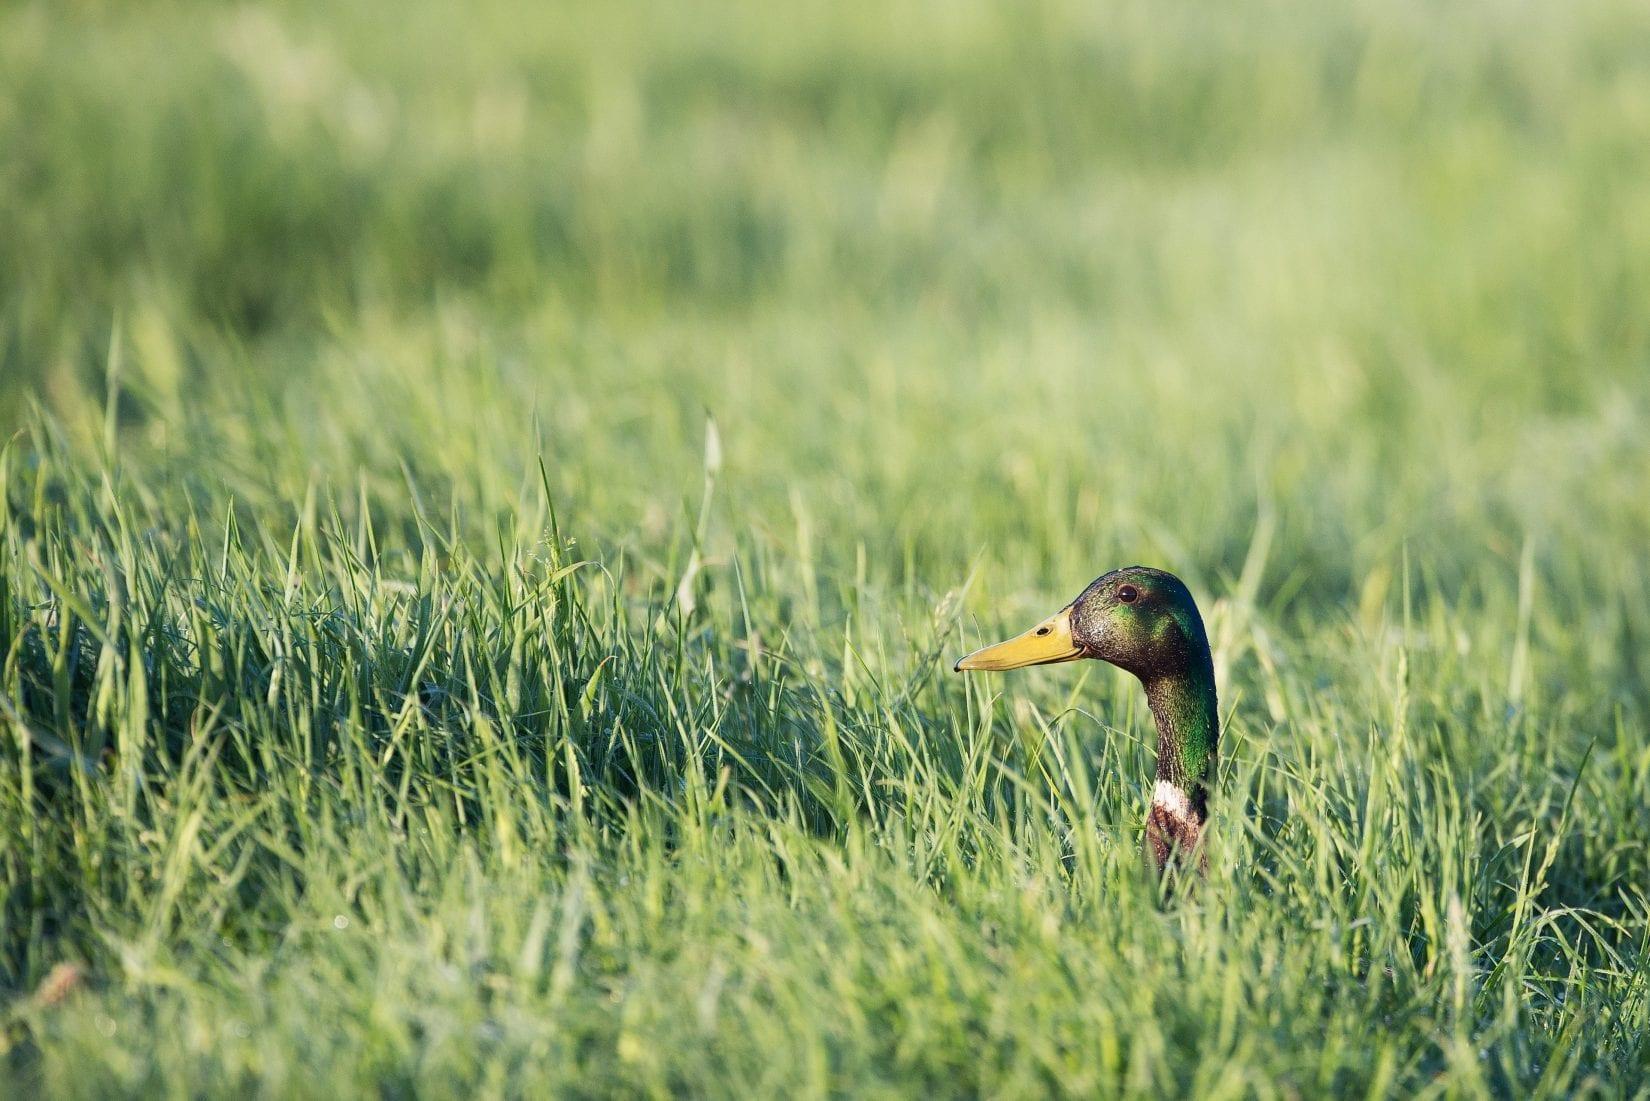 mallard-sticking-head-up-out-of-deep-grass